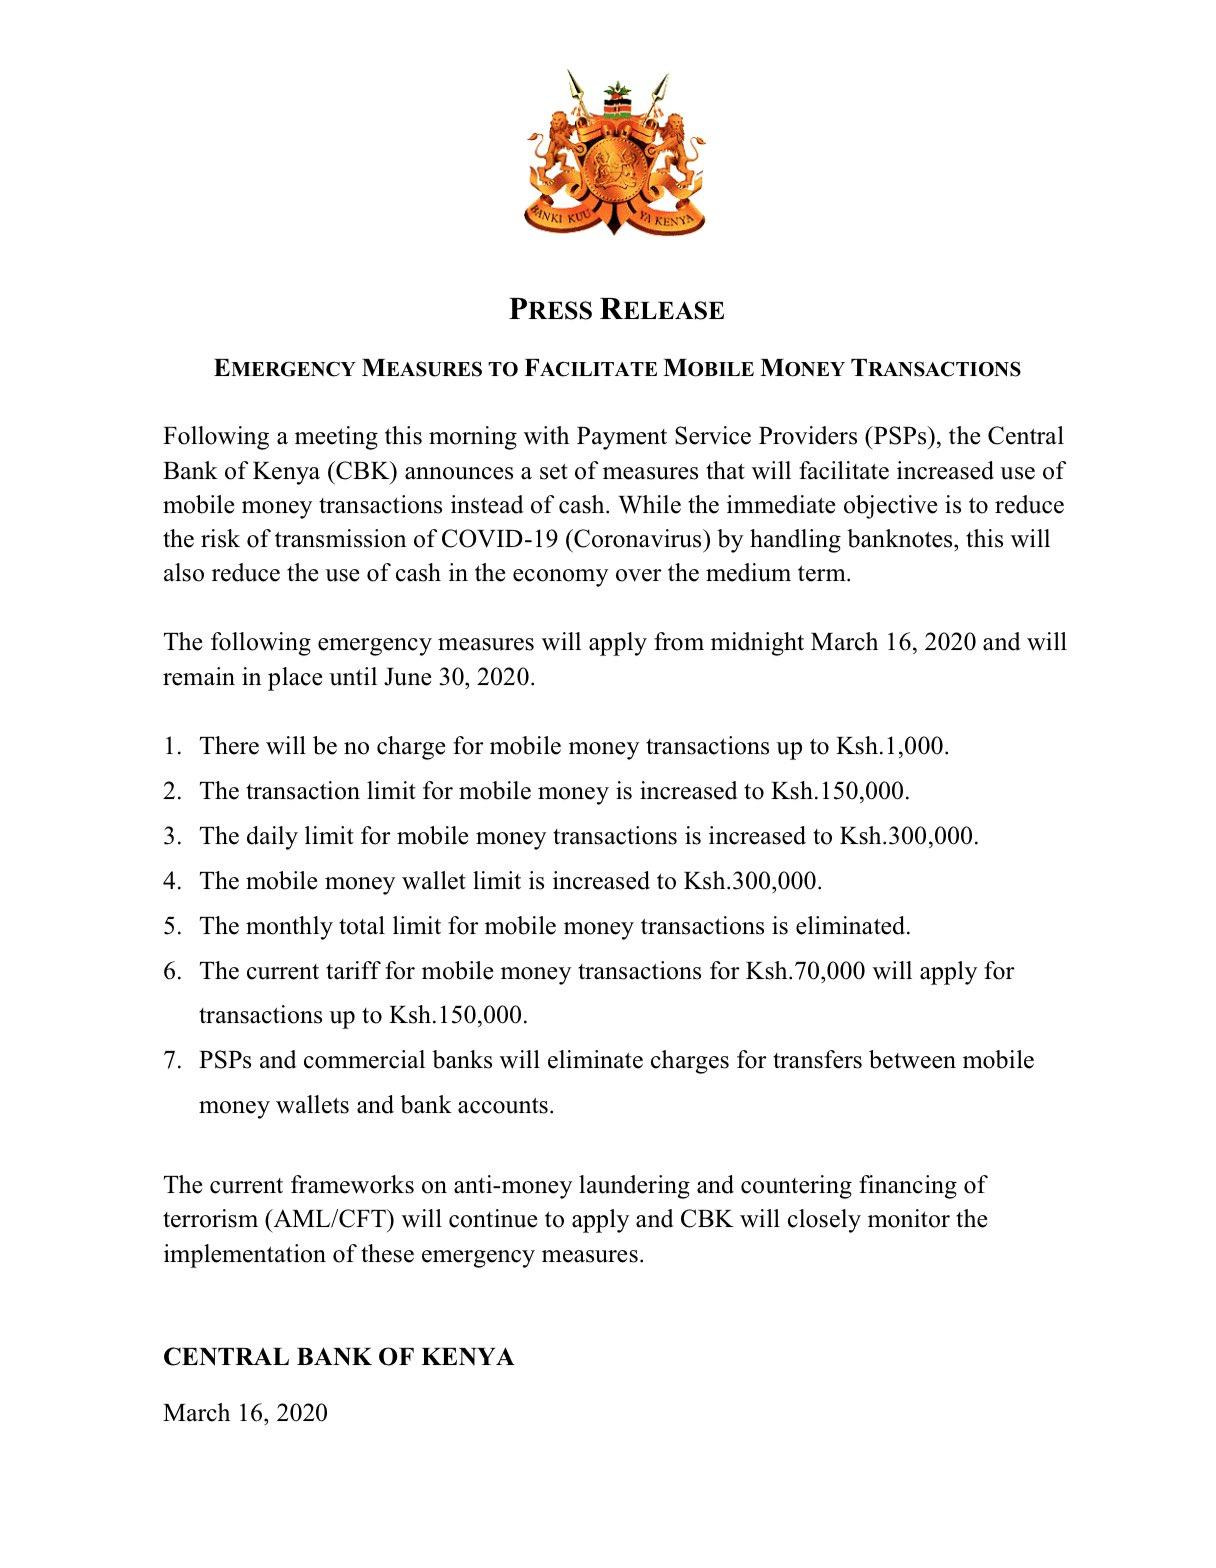 Comunicato stampa: Misure di emergenza per agevolare le transazioni di denaro da dispositivi mobili